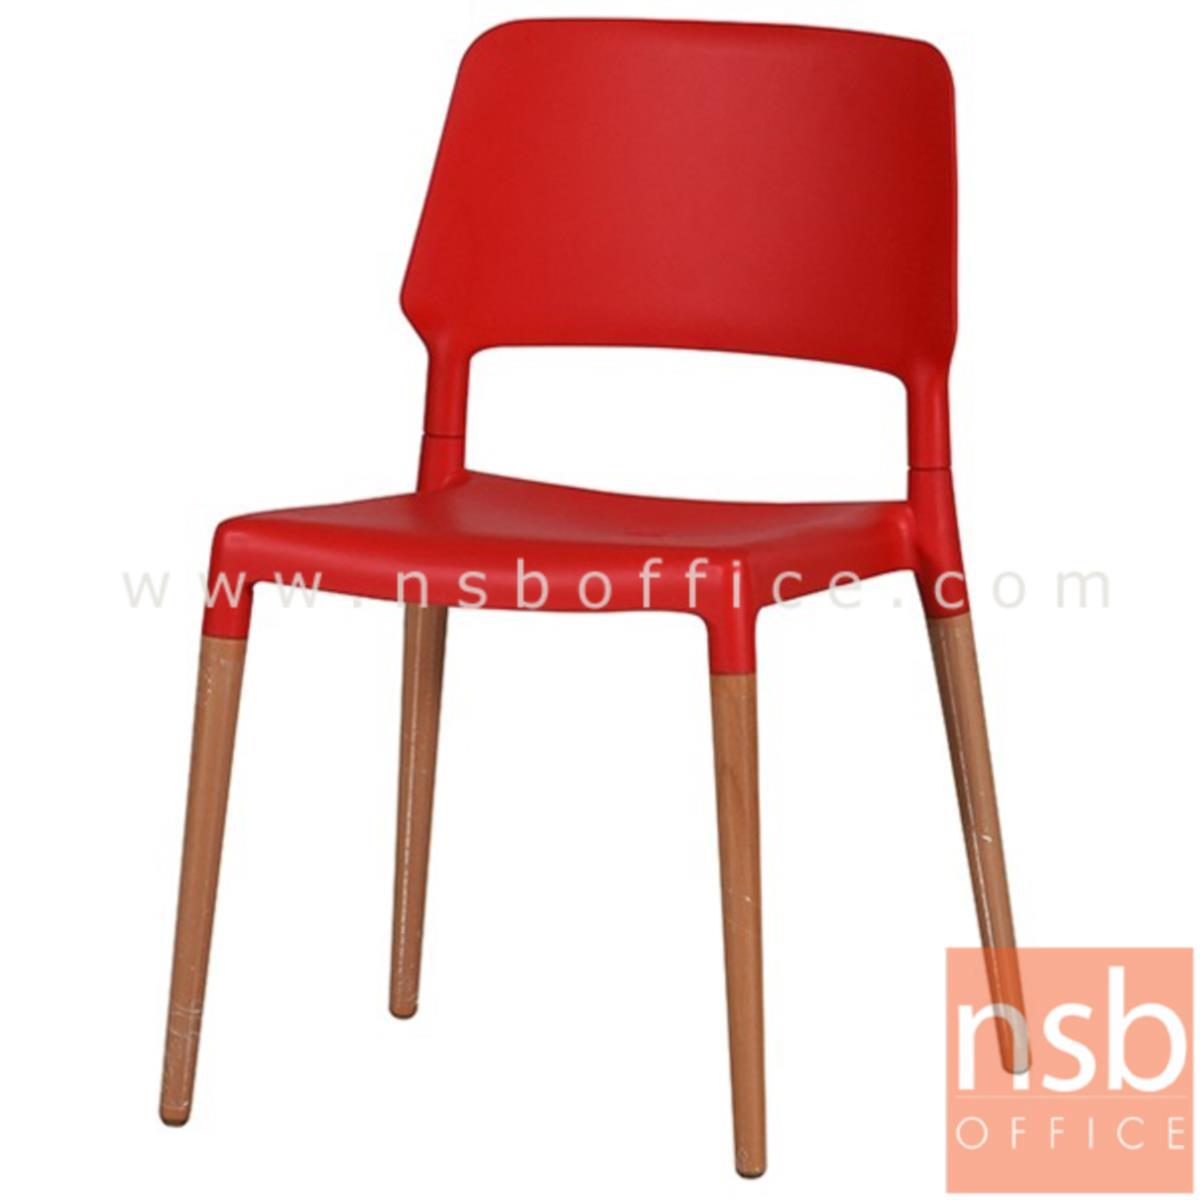 เก้าอี้โมเดิร์นพลาสติกโพลี่ รุ่น Lockhart (ล็อกฮาร์ต) ขนาด 51.5W cm. ขาไม้สีบีช